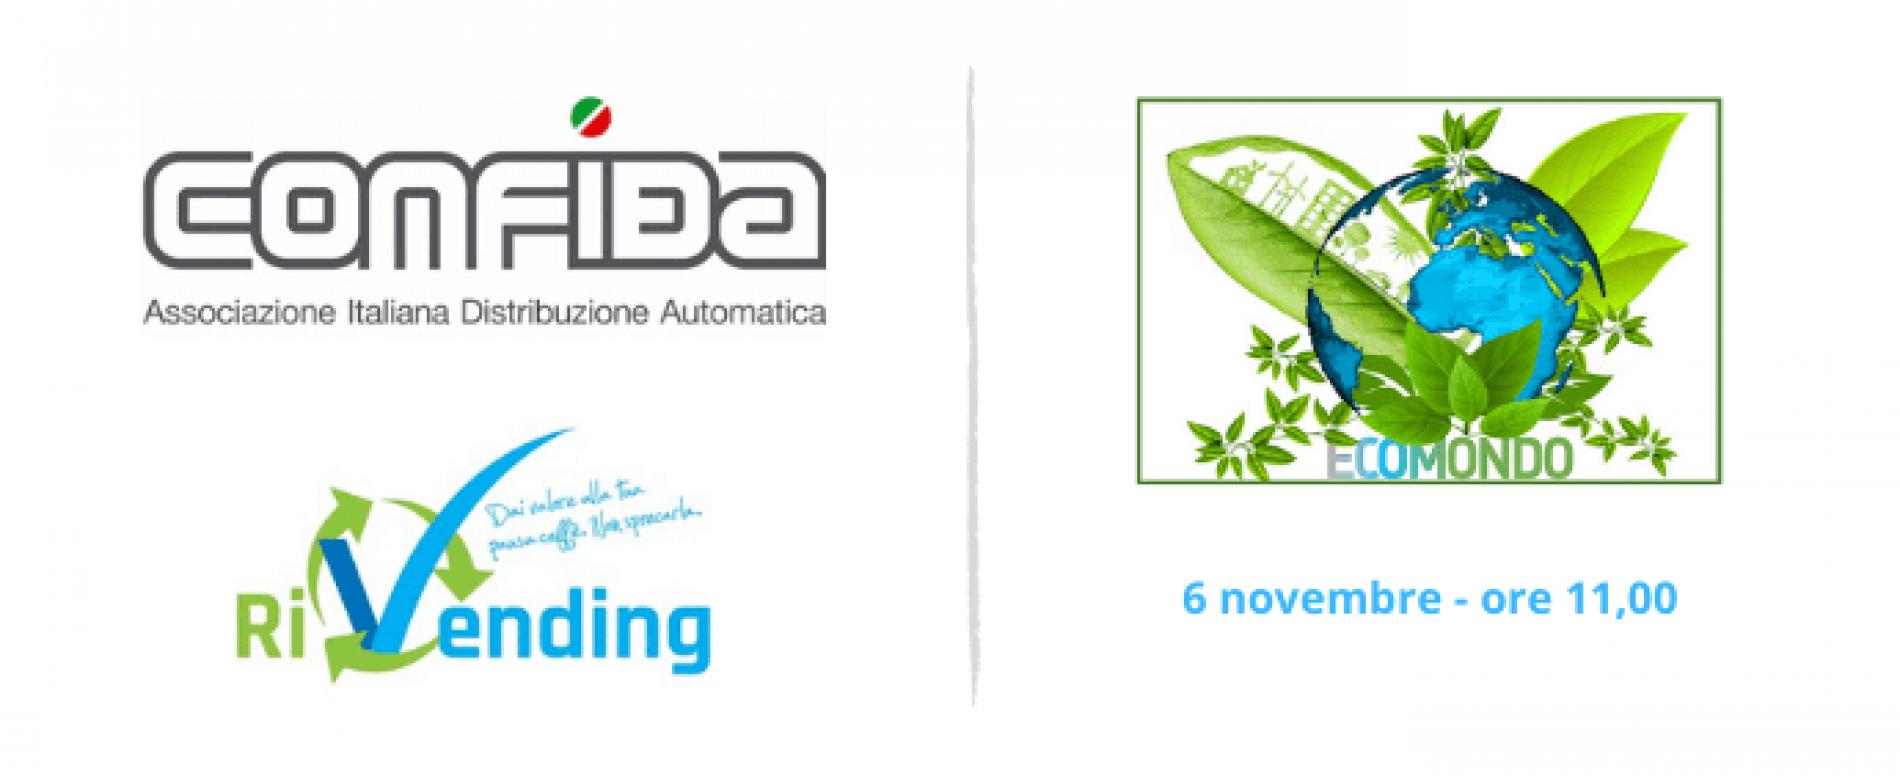 CONFIDA presenta il progetto RiVending a Ecomondo 2019